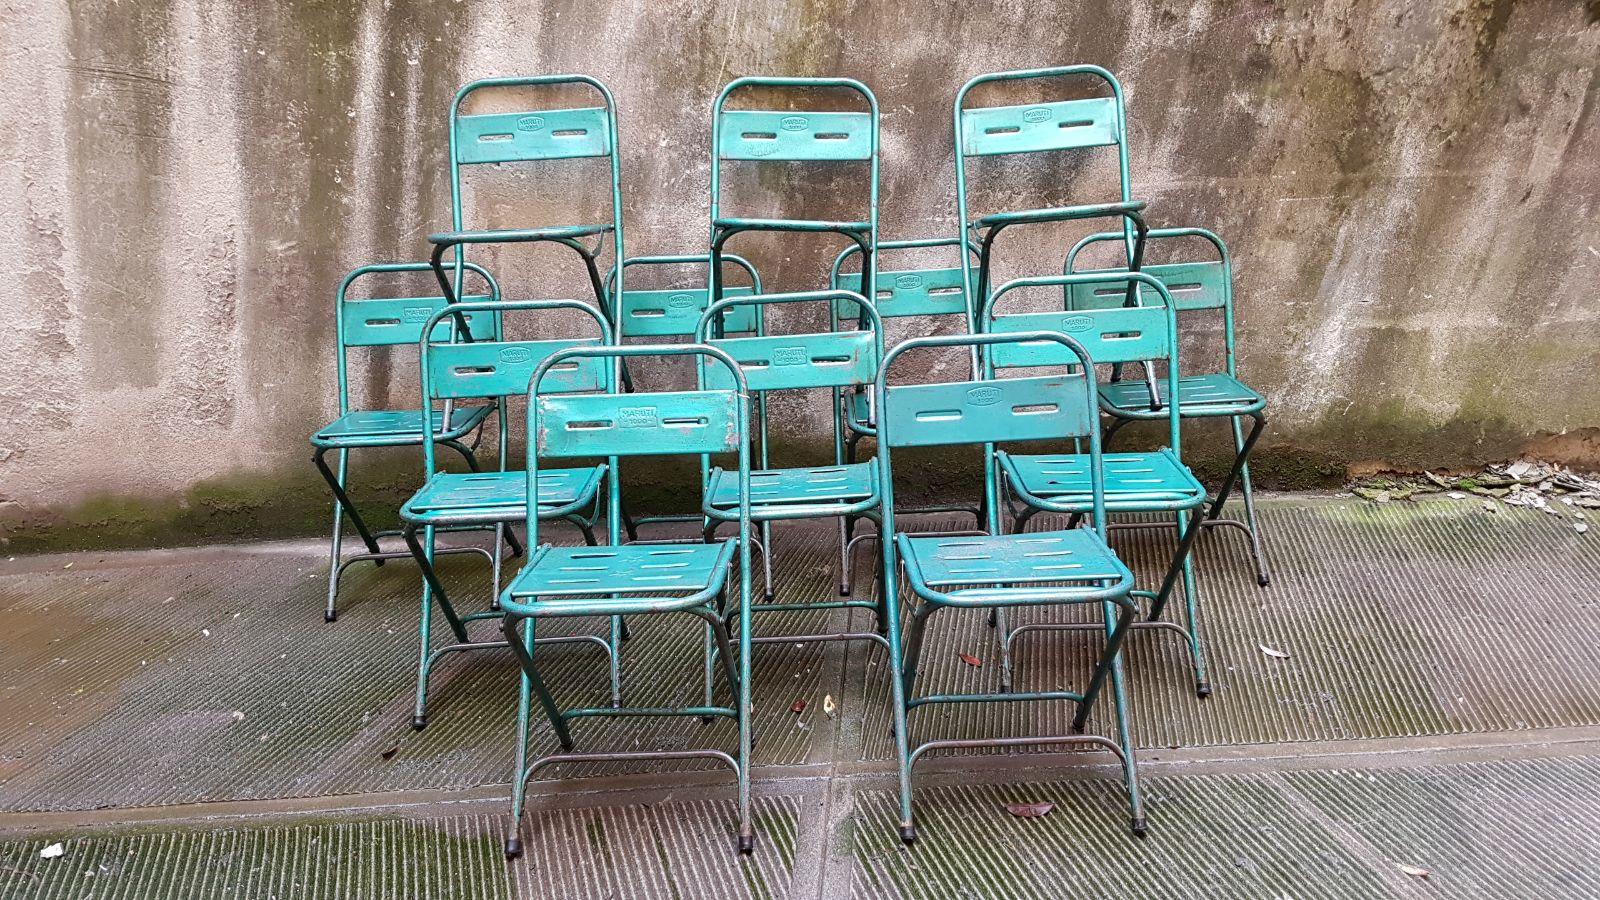 Lo stile di arredamento anni '50 pretende che i mobili e con essi le sedute assumano delle forme semplici e sinuose e sopratutto diventino sempre più. Sedie Ferro Anni 50 Verdi Neoretro